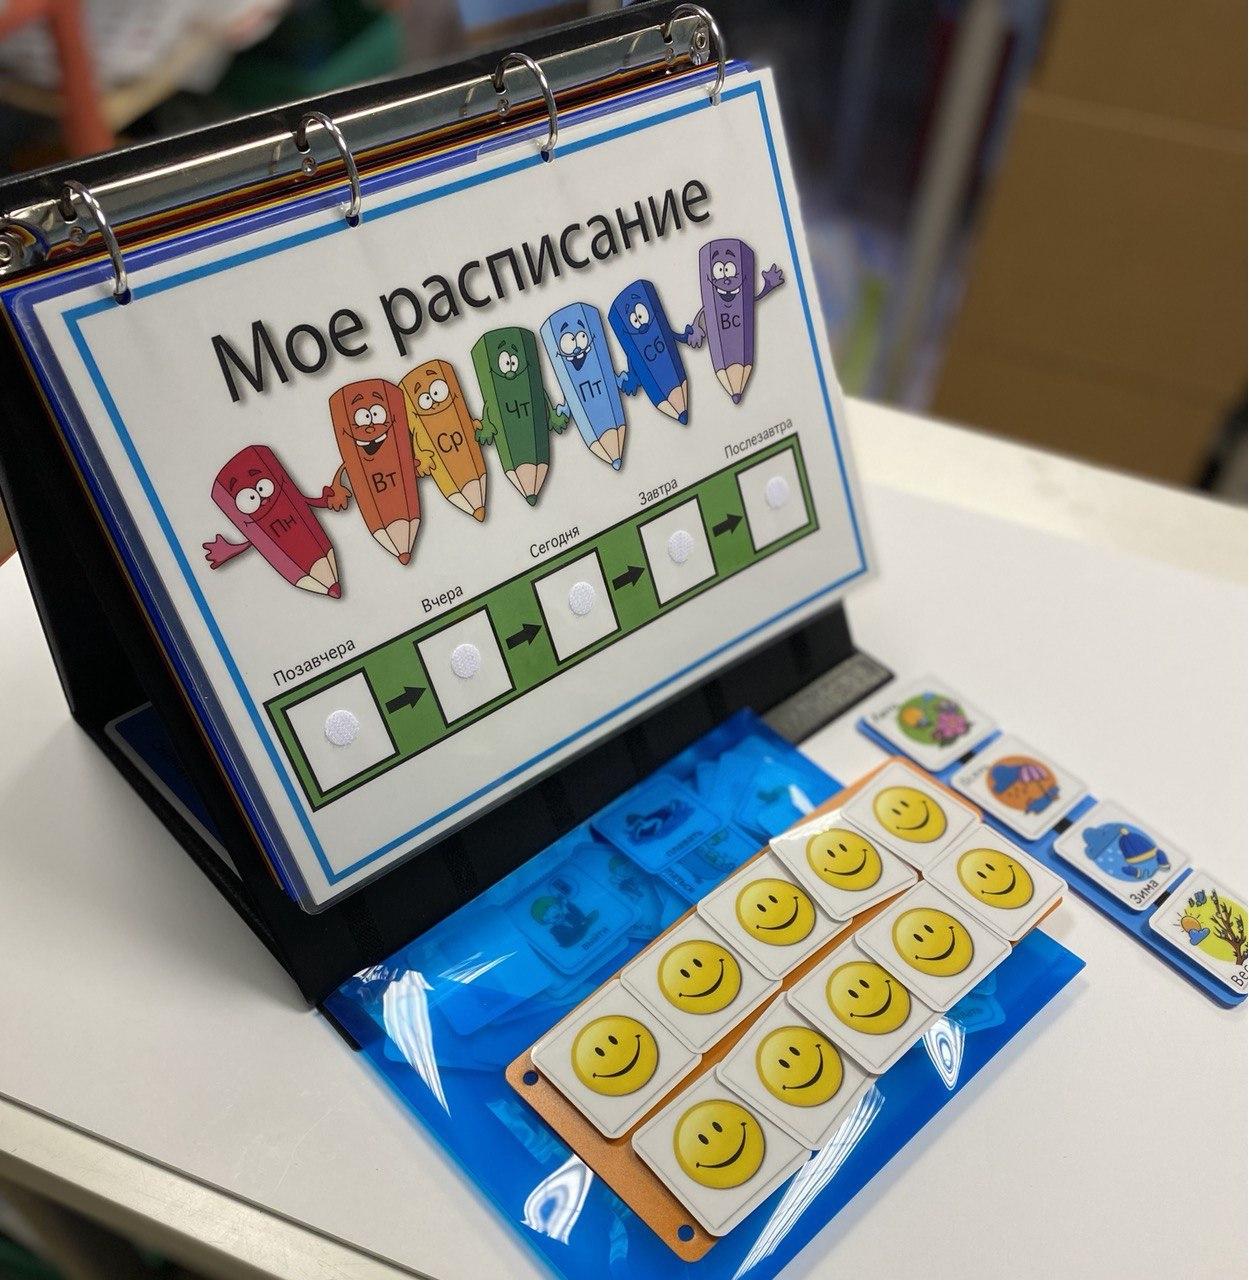 """Папка треугольник для мальчика. С набором карточек пекс (бонус карточки """"Праздники"""").Развивающие пособия на липучках Frenchoponcho (Френчопончо)"""